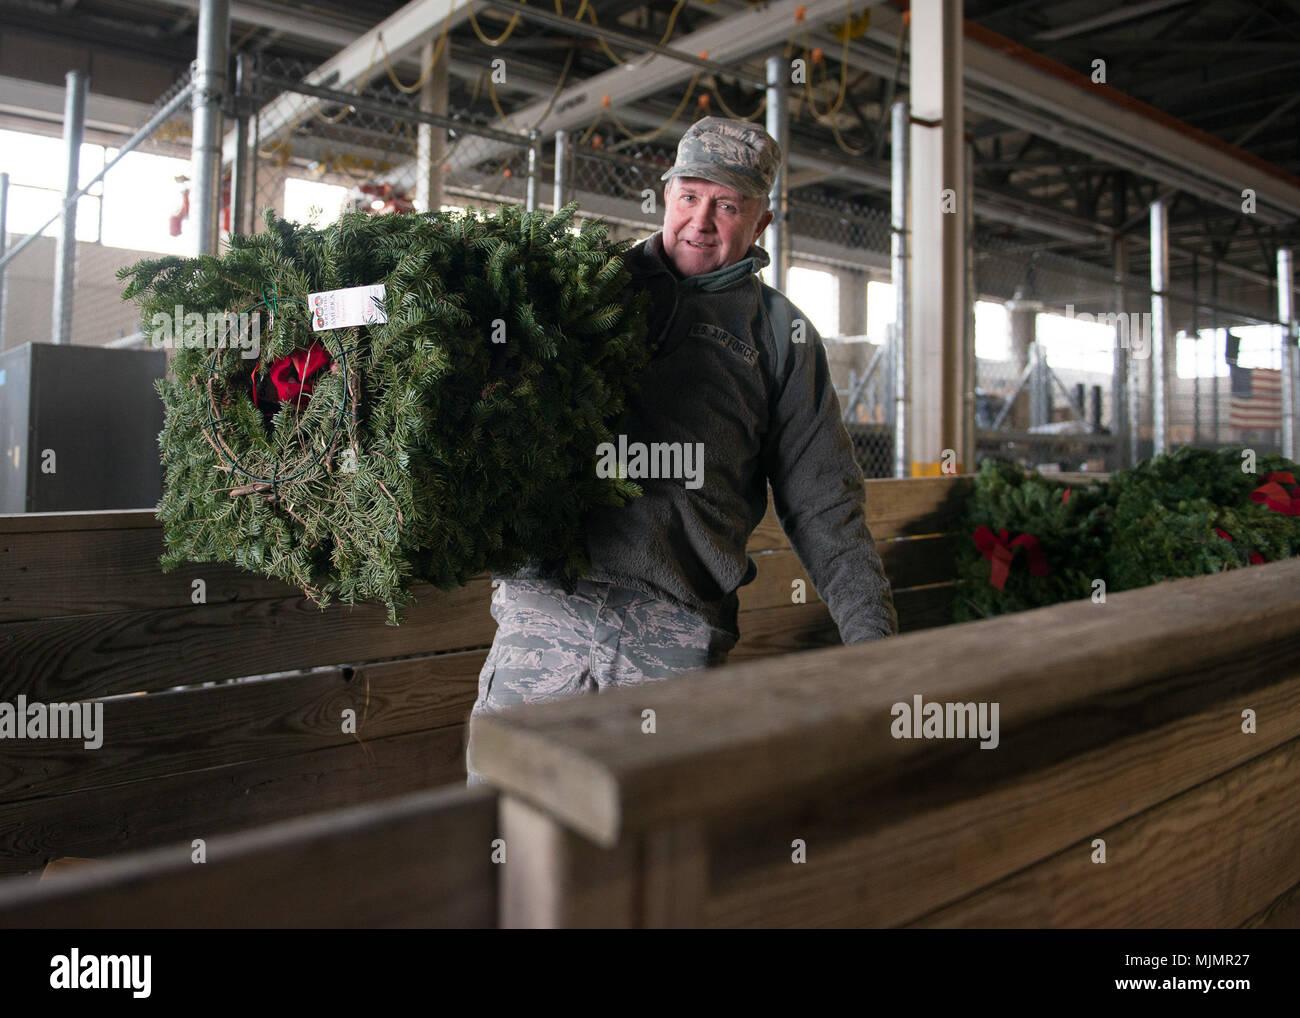 Veterans christmas trailer